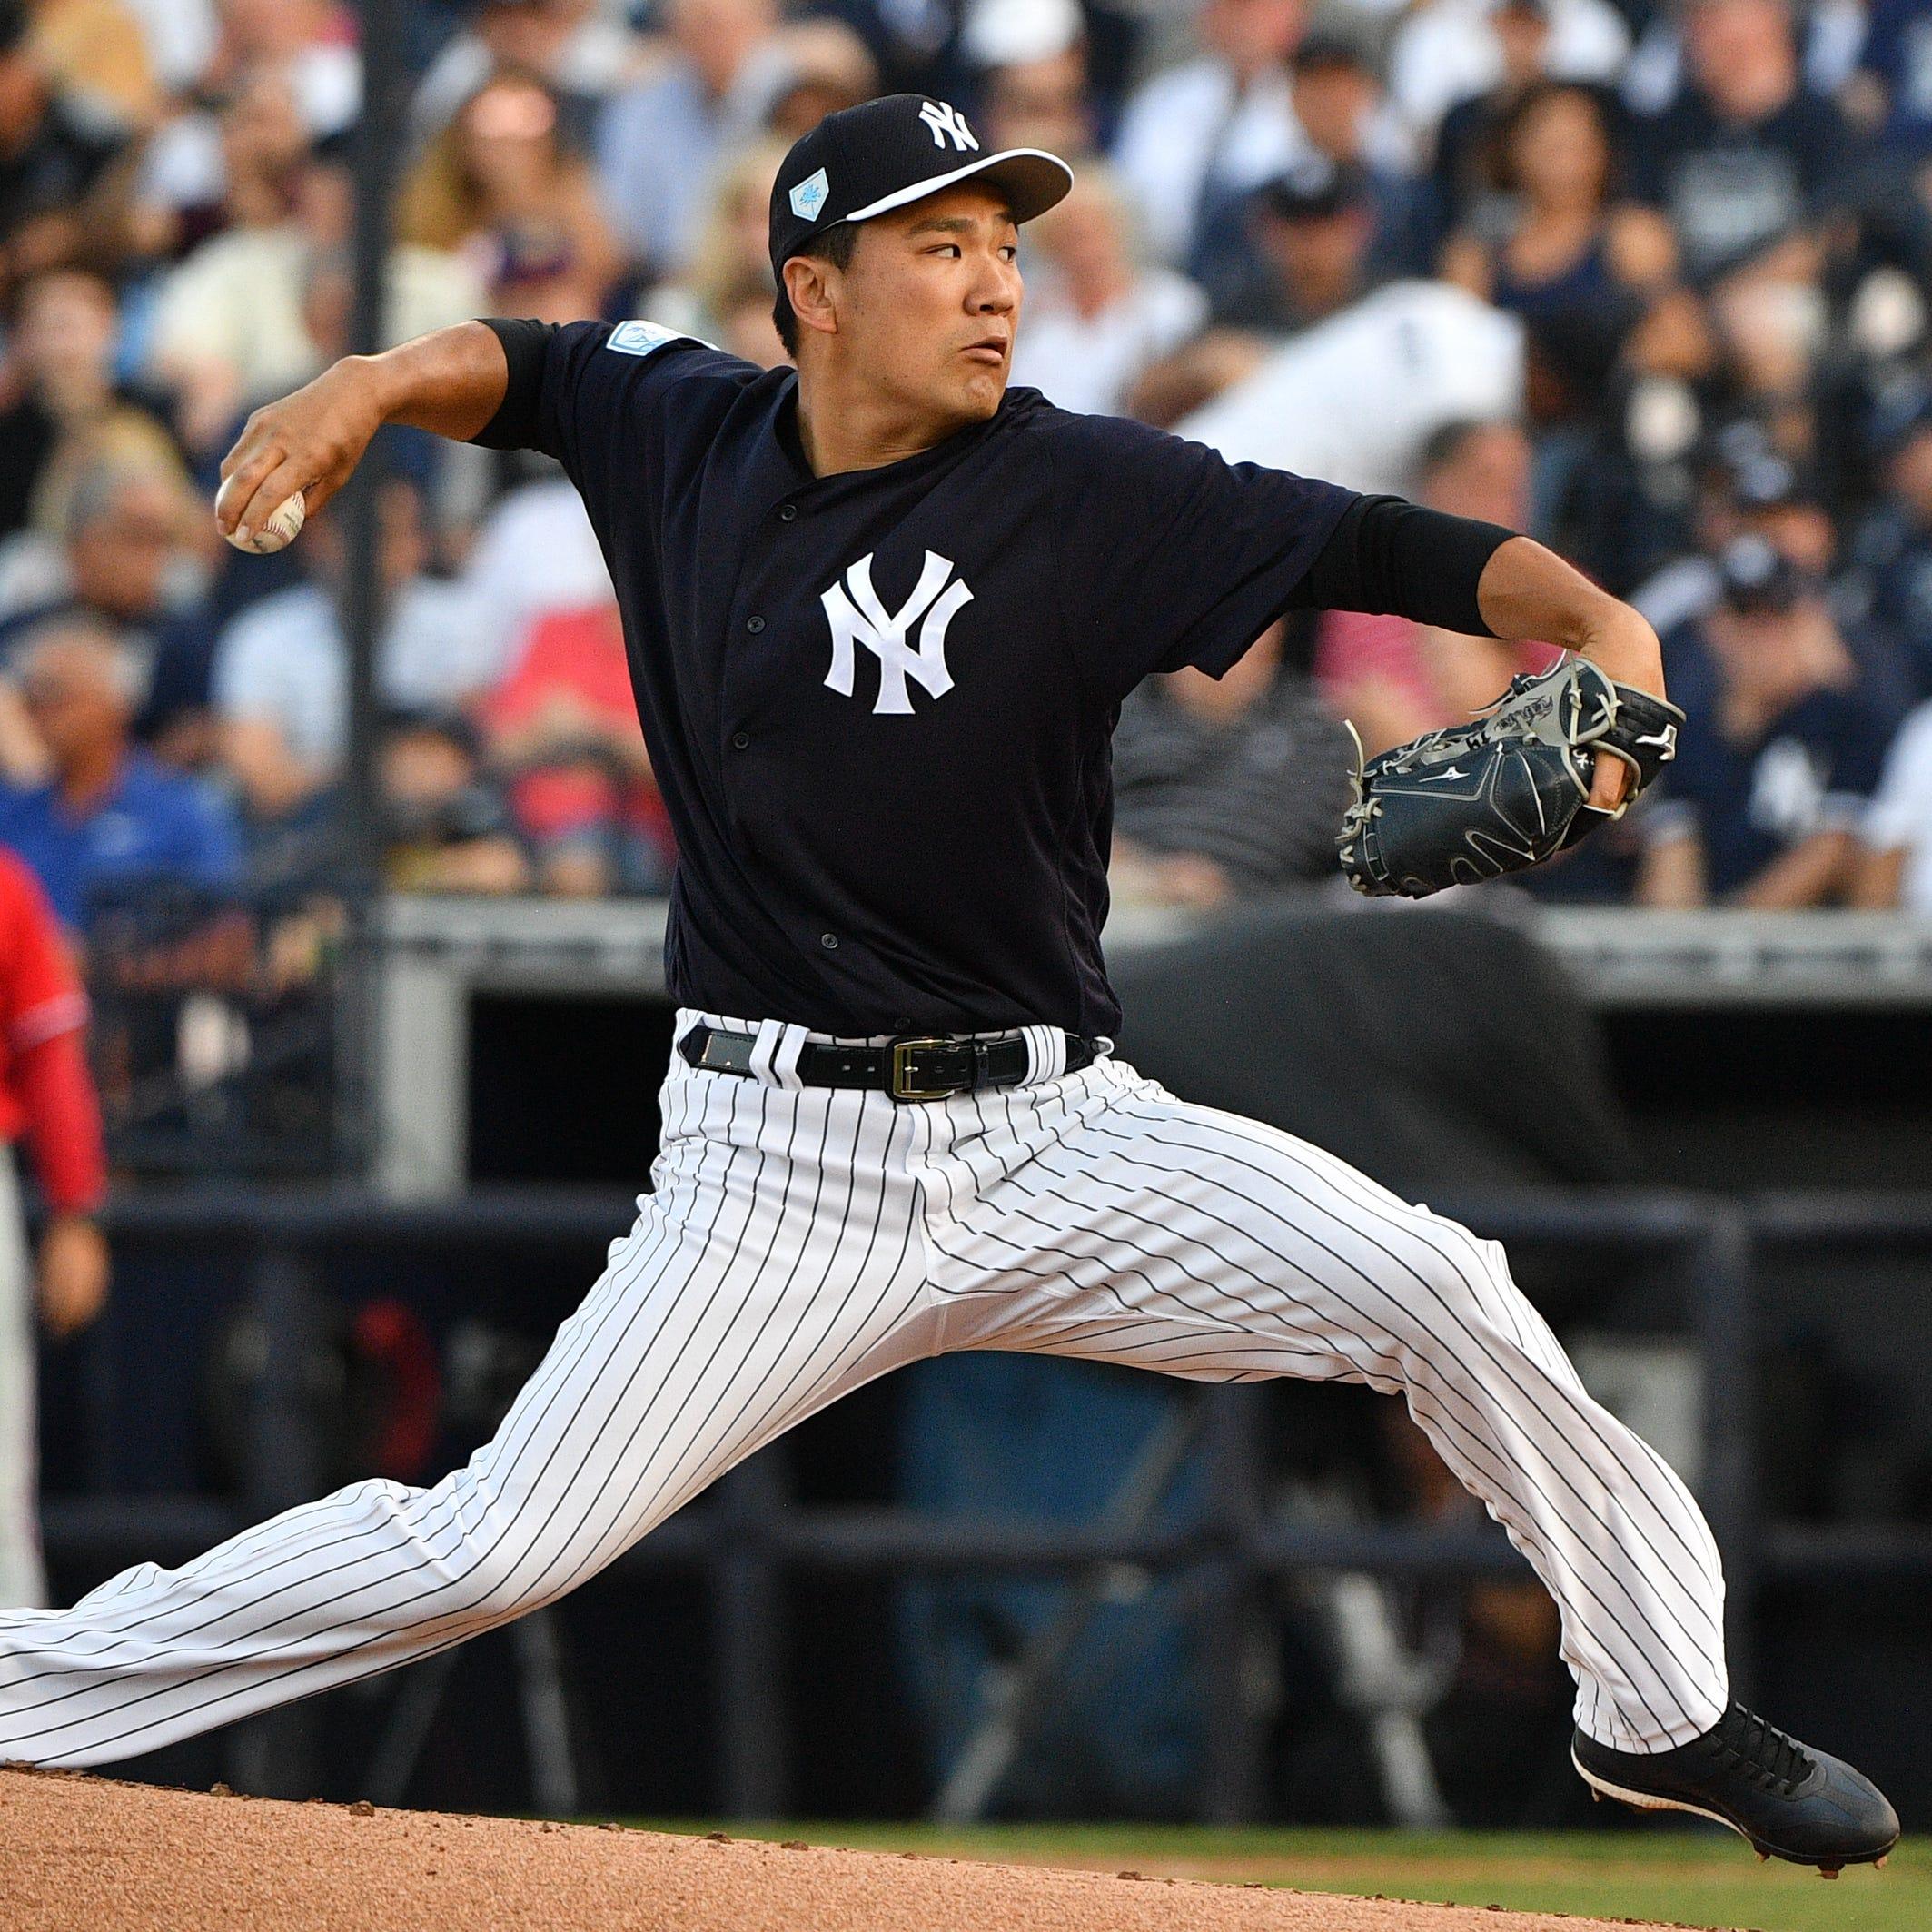 New York Yankees, Baltimore Orioles announce starting lineups for Thursday season opener